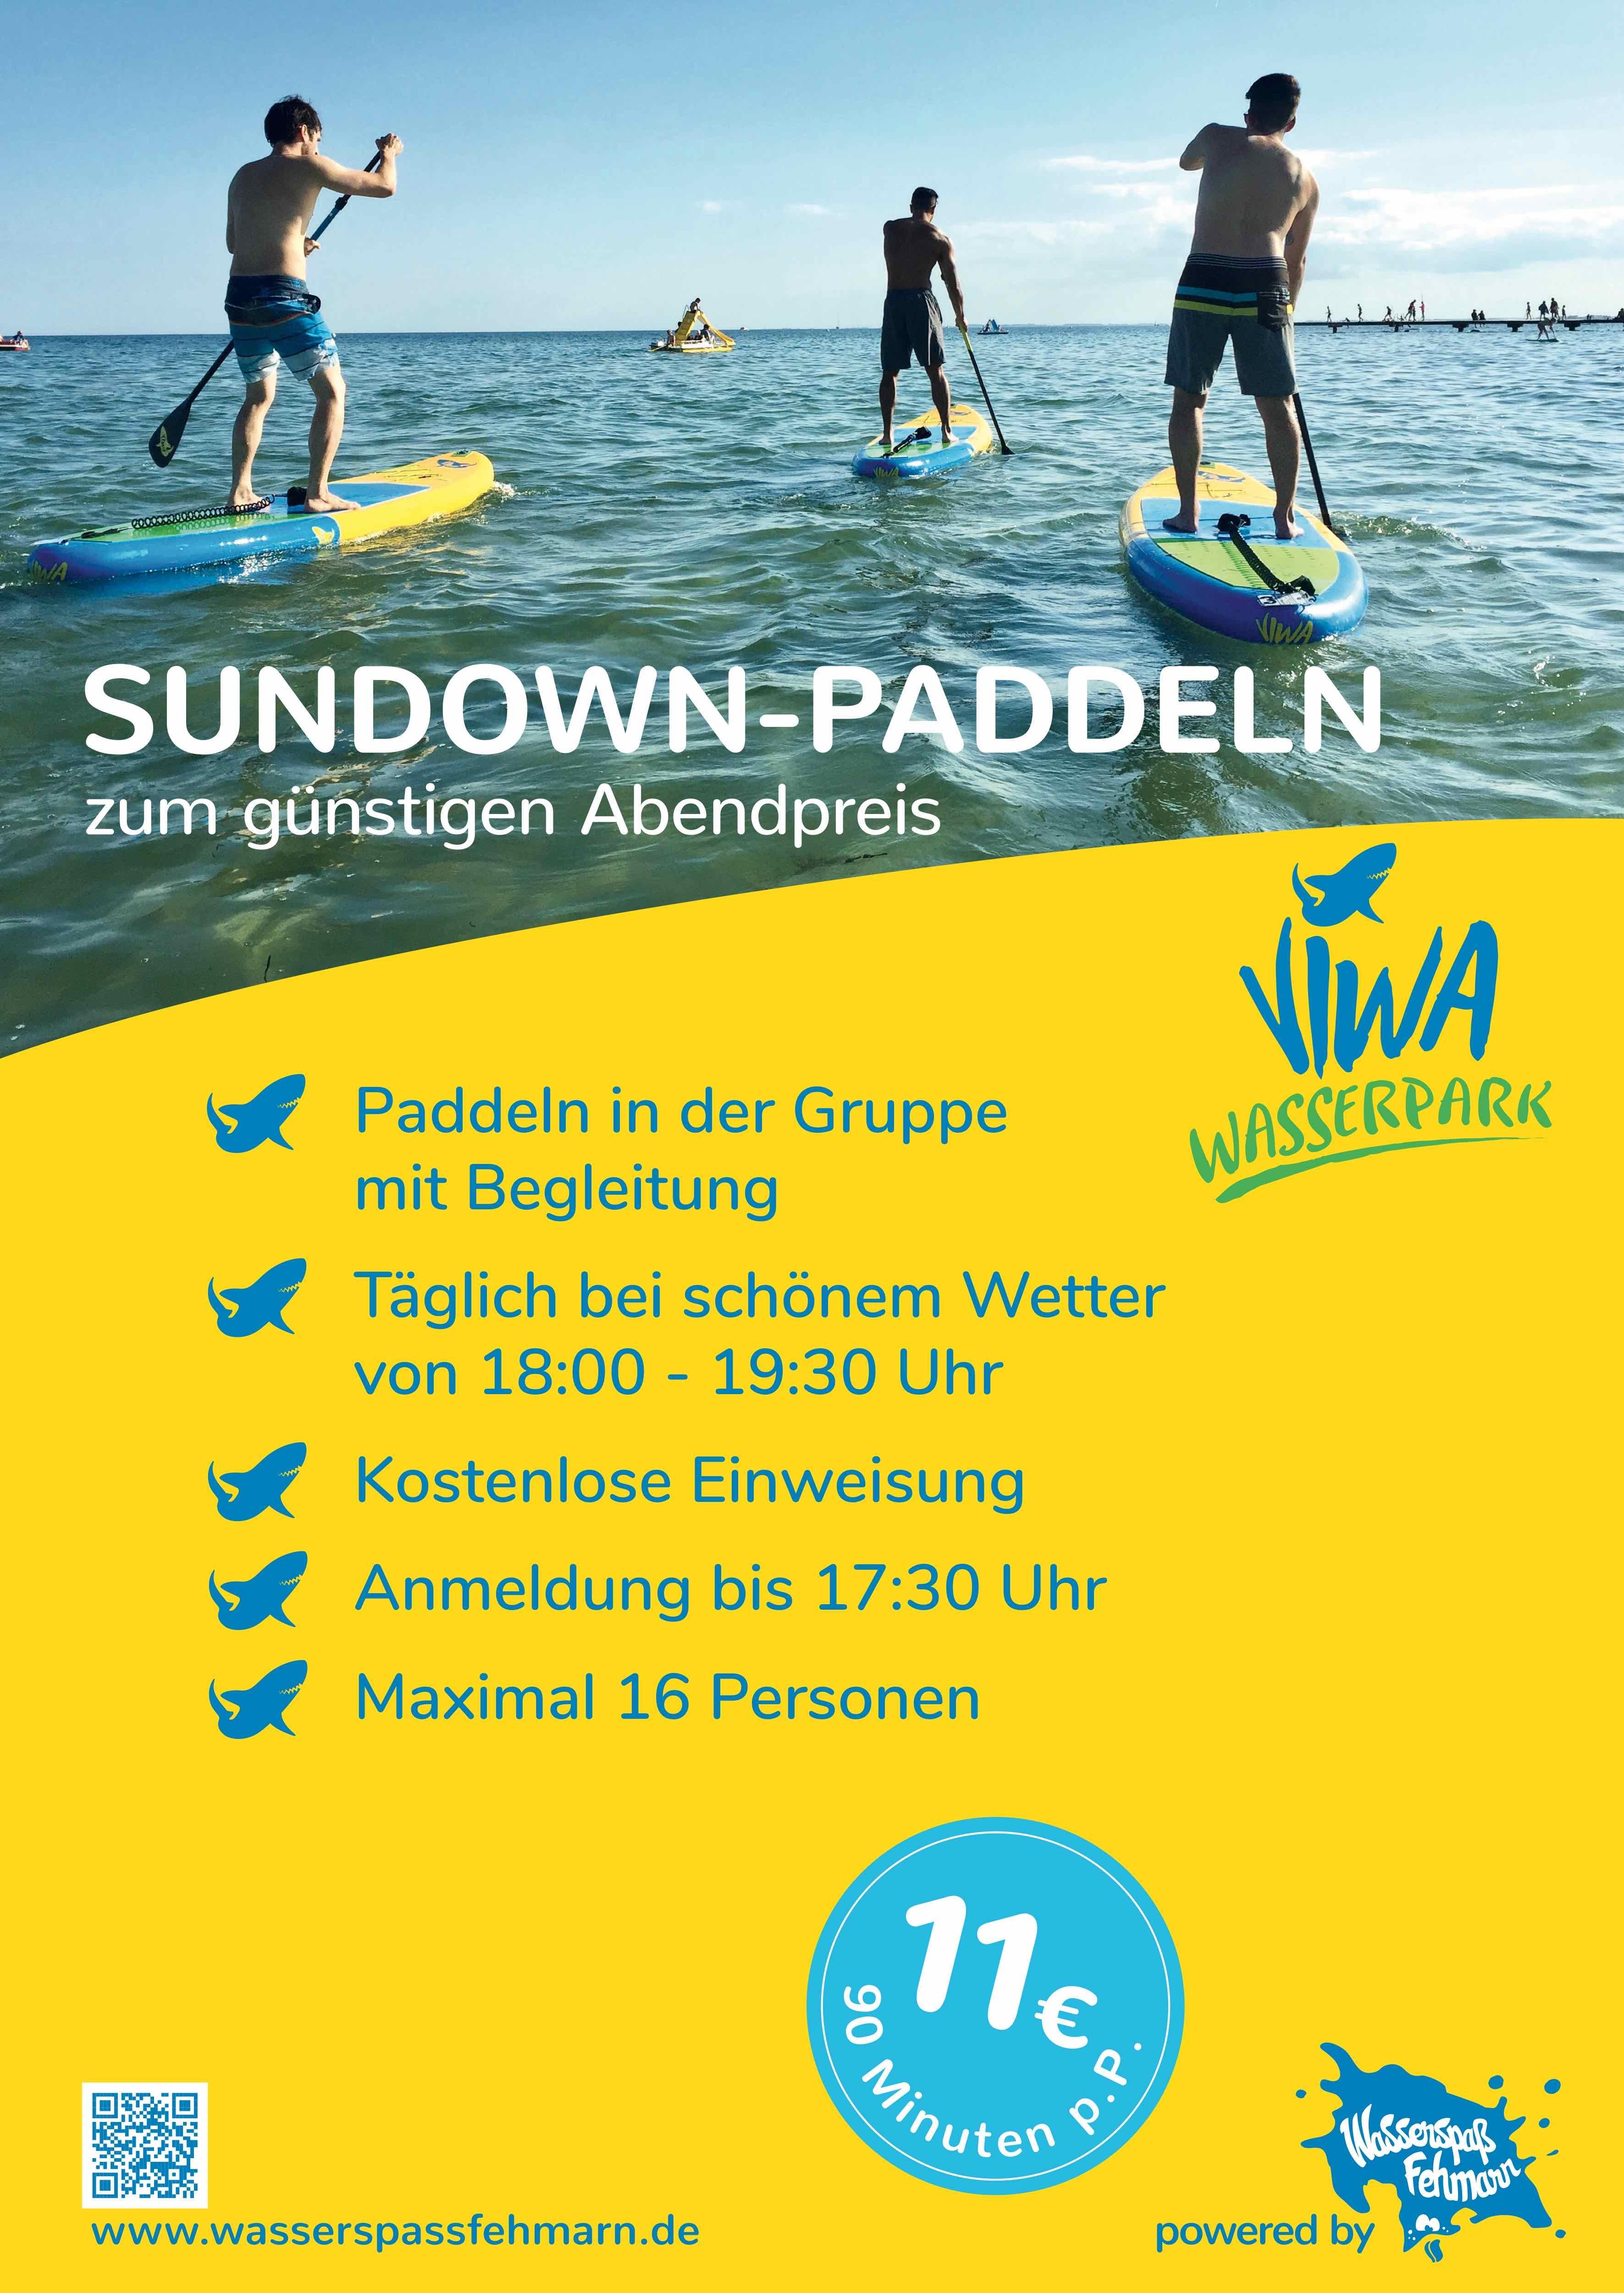 Sundown paddeln Sonderangebote Fehmarn Südstrand SUP Tretboote Wasserpark